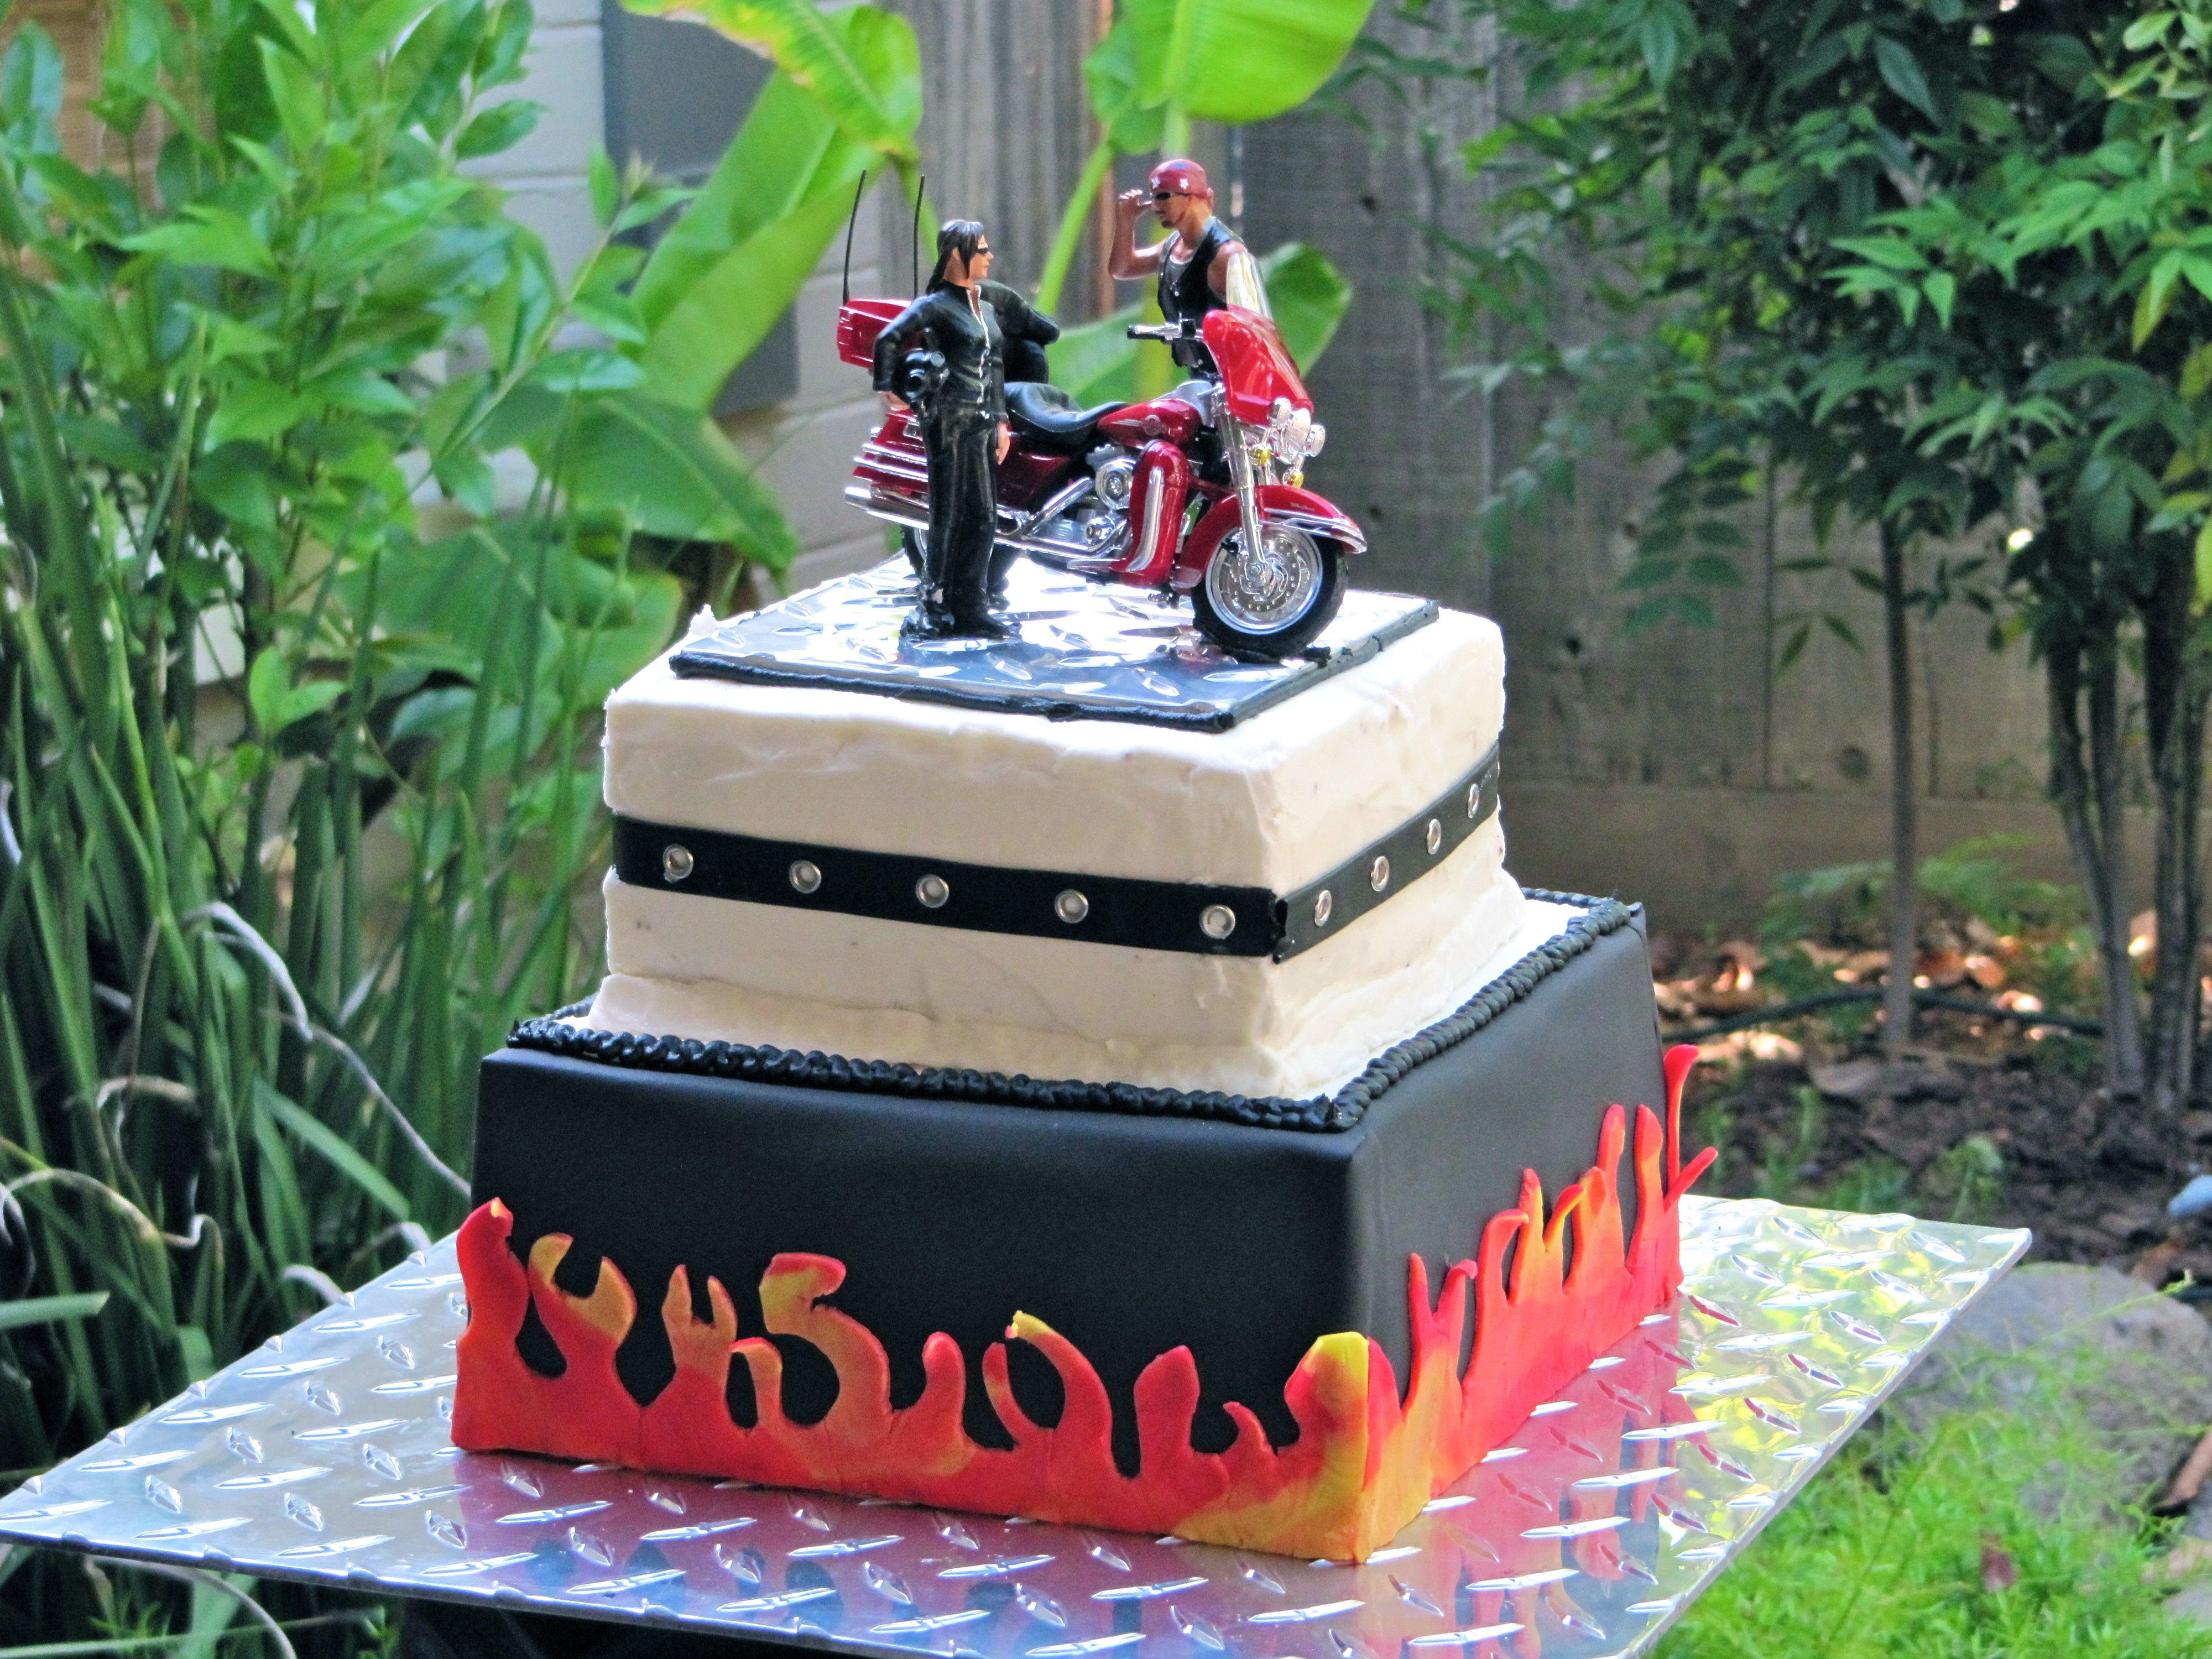 Wedding cake for my bikercousin and her bikerman